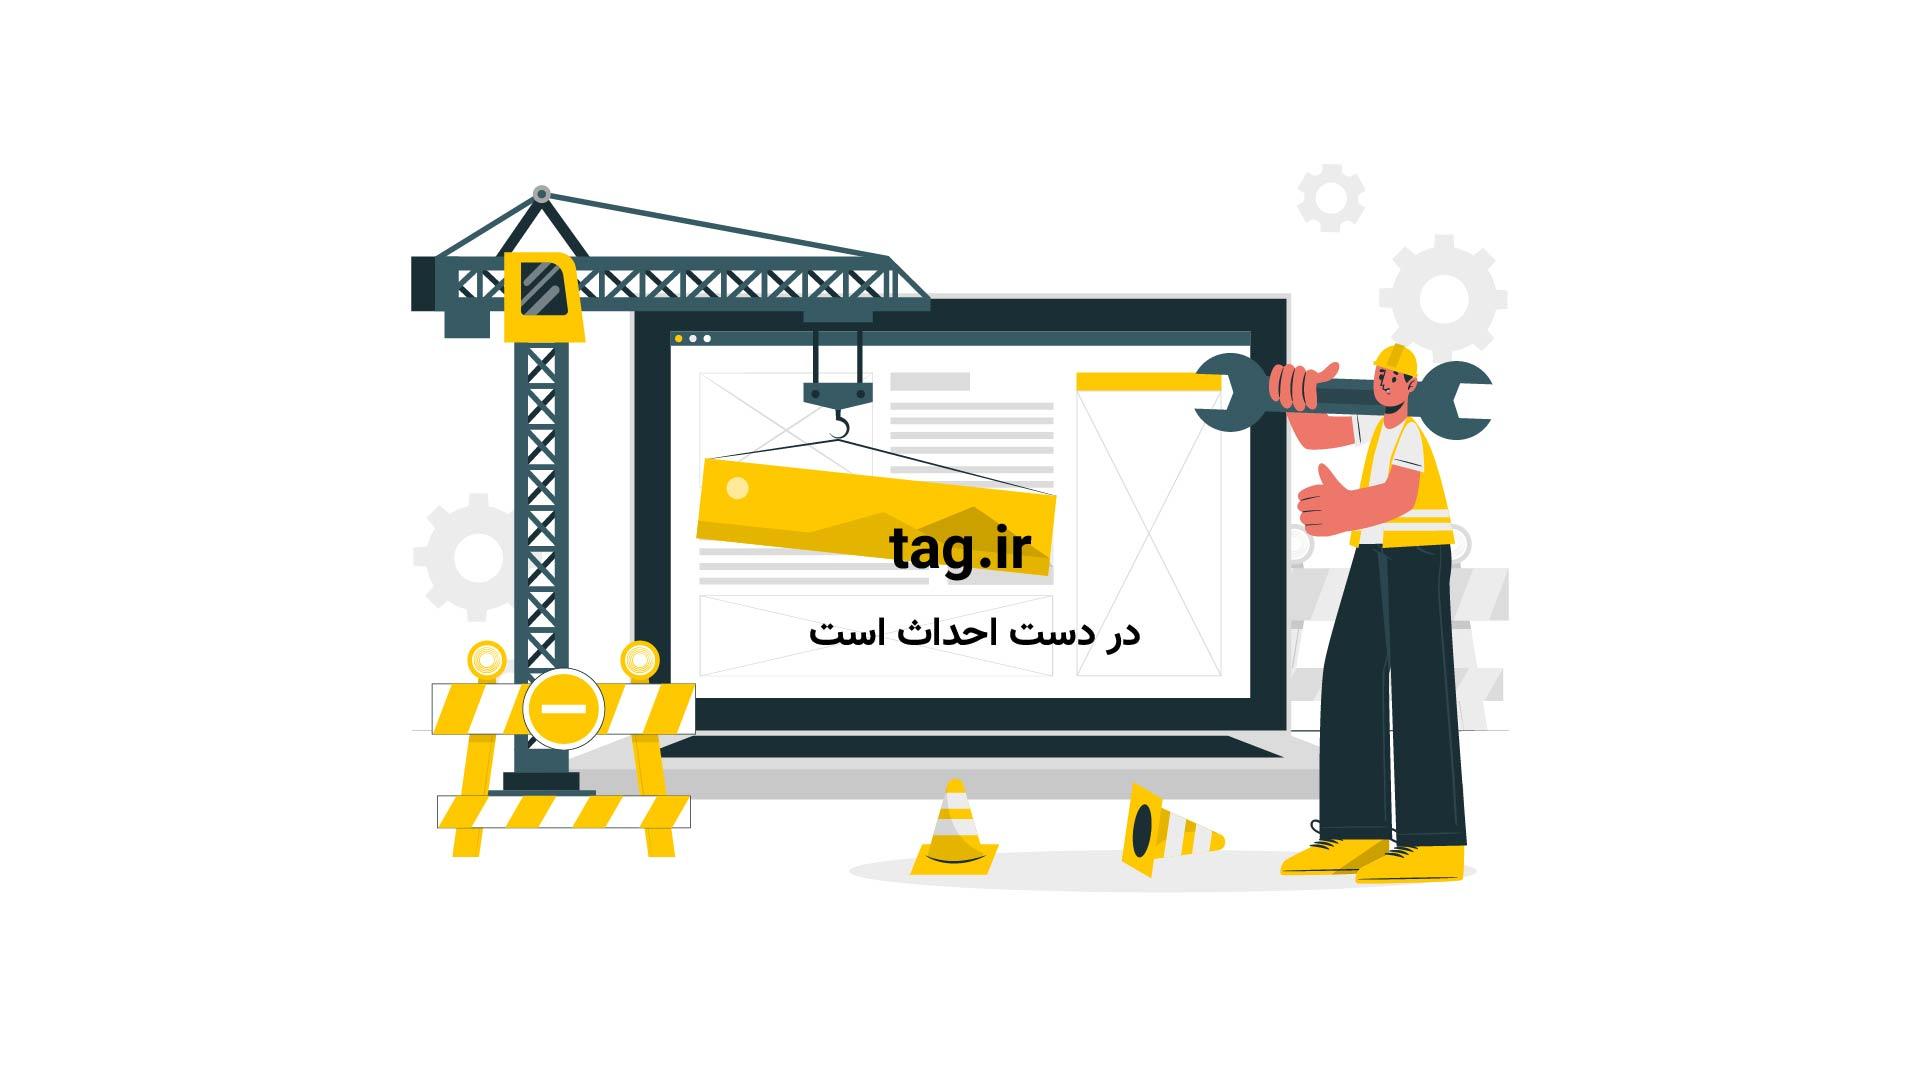 آموزش تزئین کیک با شکلات به شکل های مختلف | فیلم